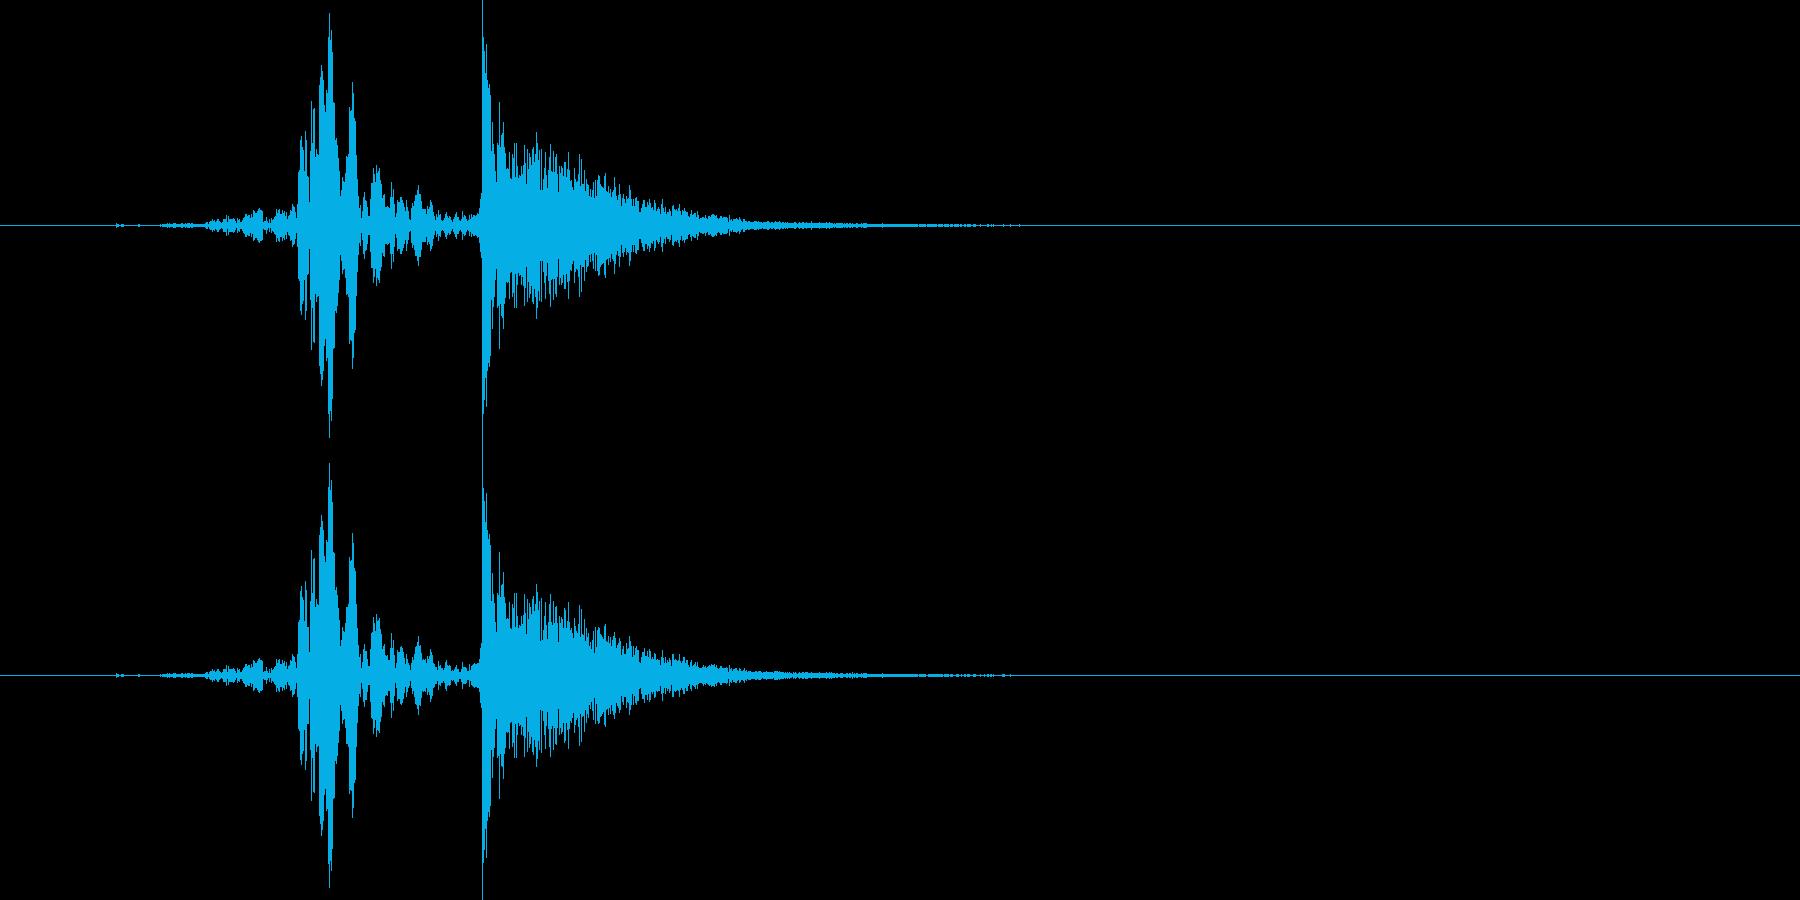 ヒュッ!バシン!(ムチで打つ音)の再生済みの波形